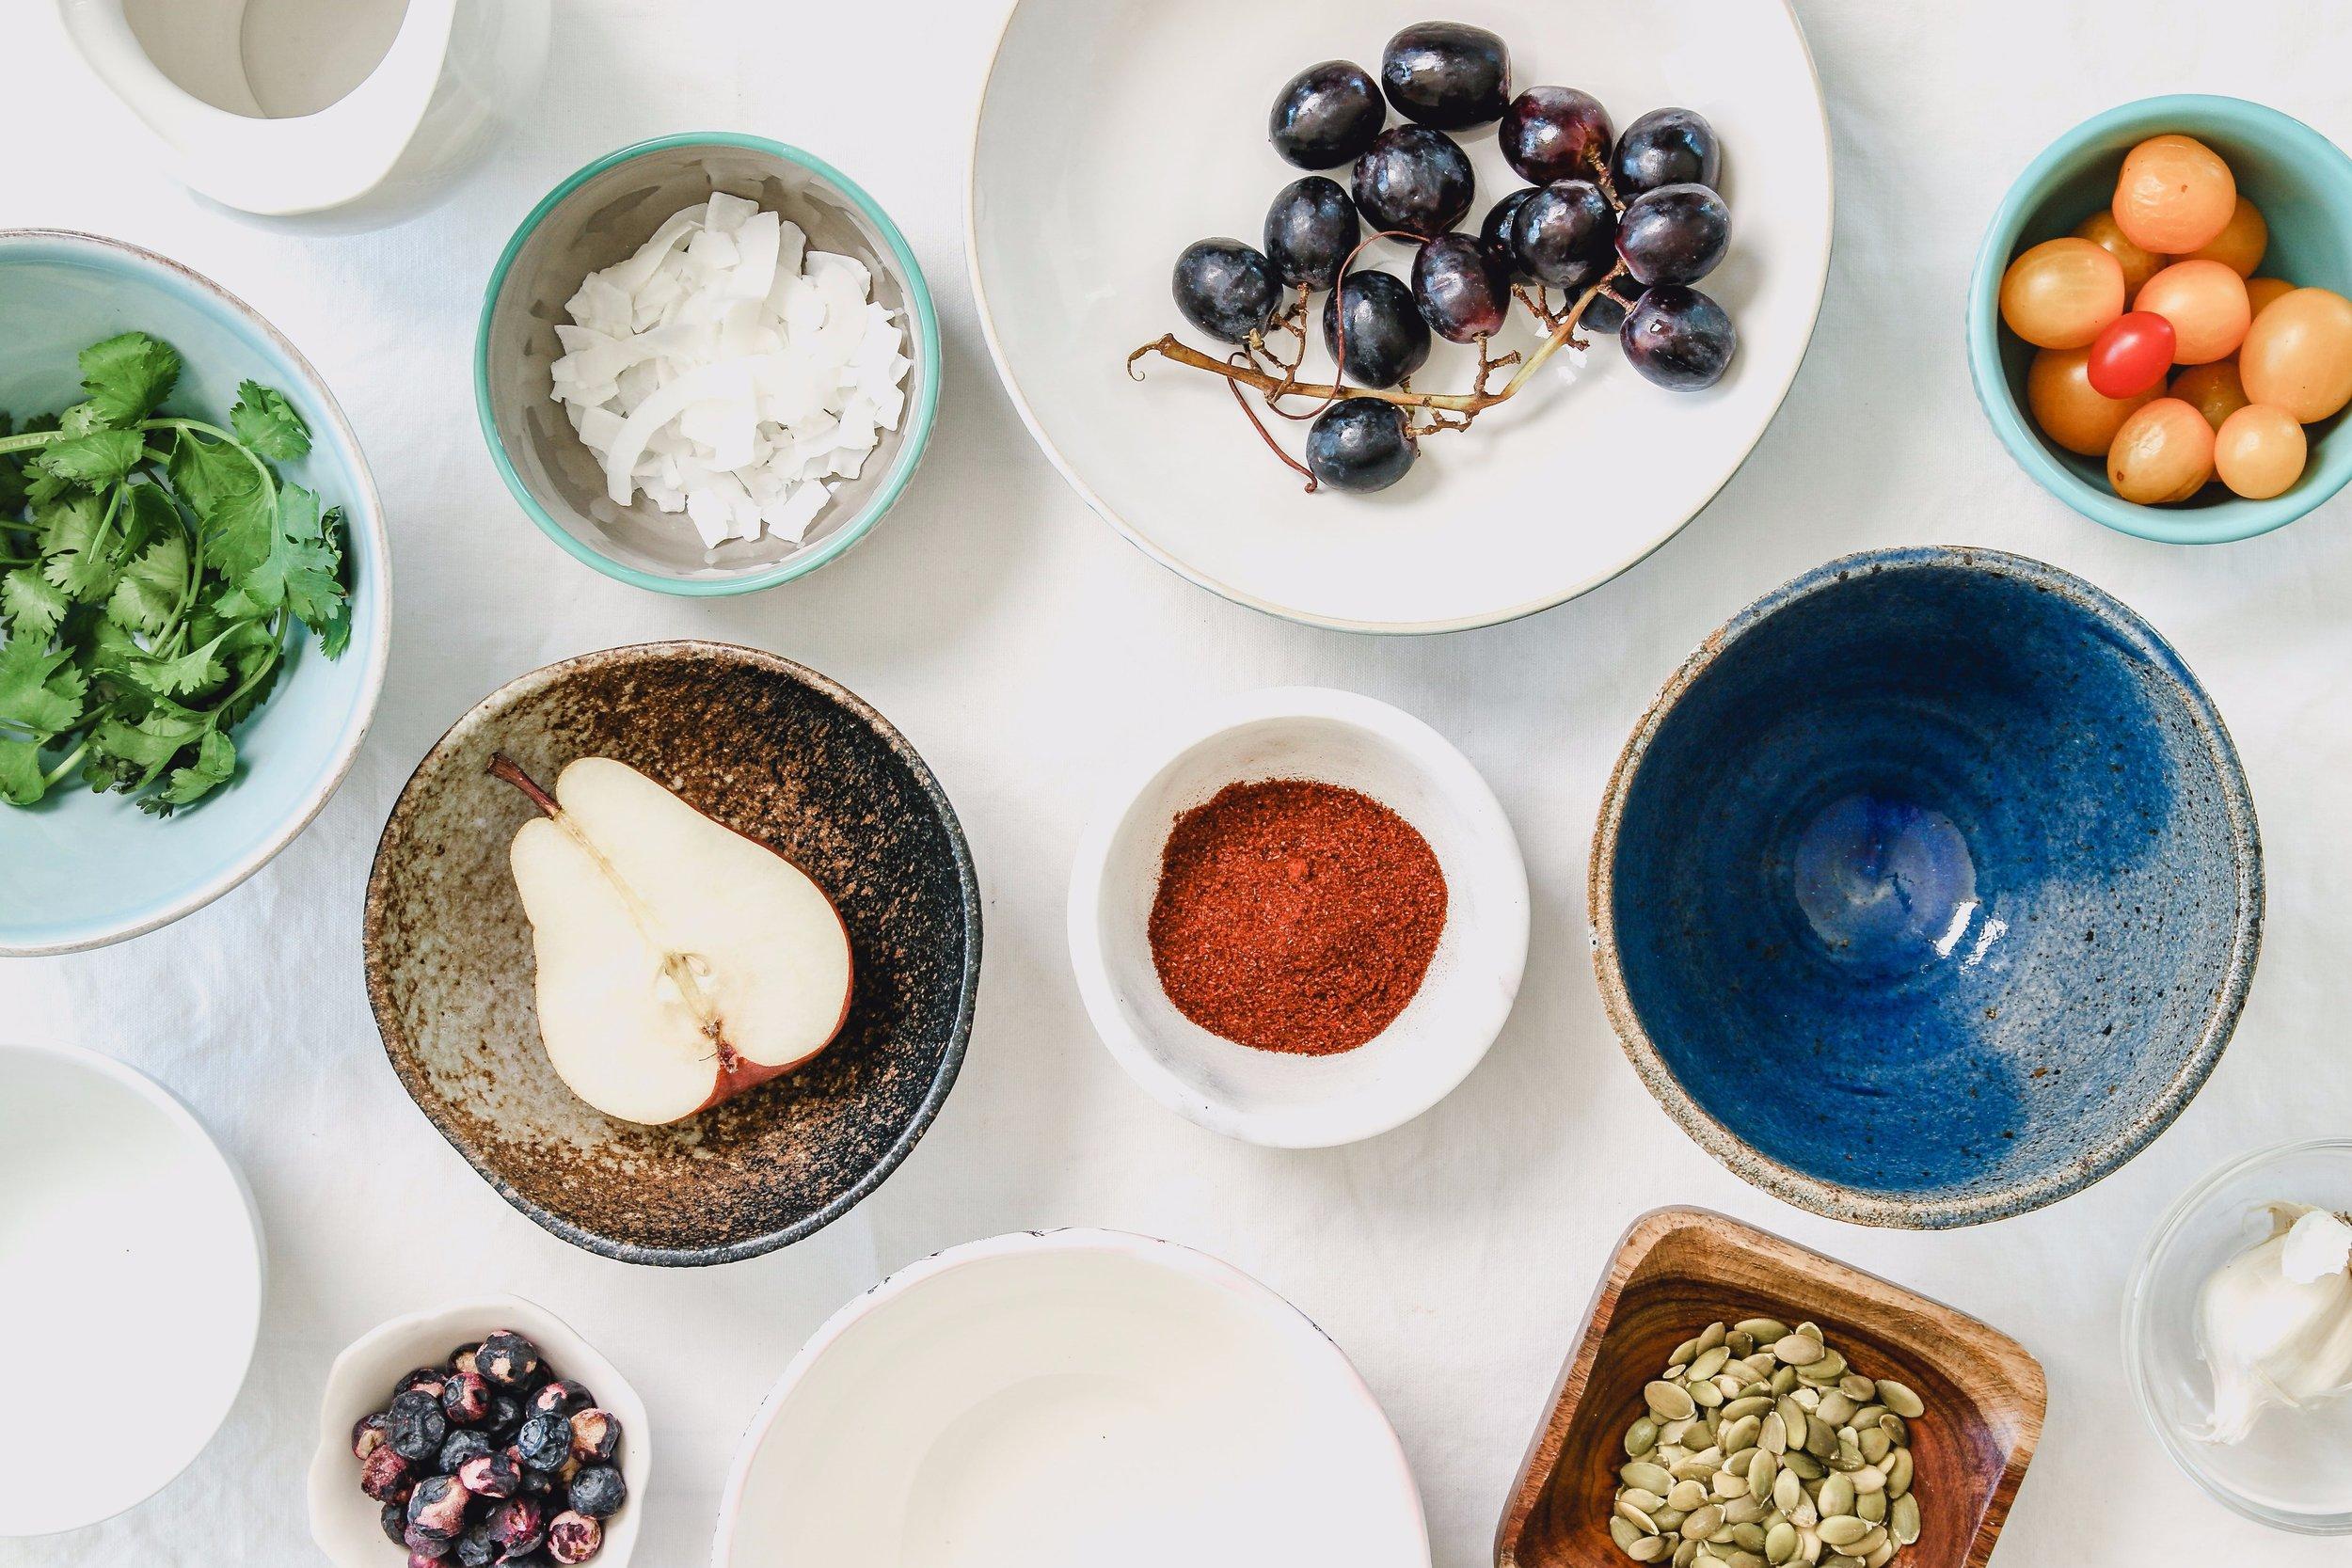 A l'intérieur de ce kit vous trouverez - Le guide des fruits et légumes de saison, une recette de saison, nos conseils courses, et toutes nos astuces pour vous aider en cuisine au quotidien !